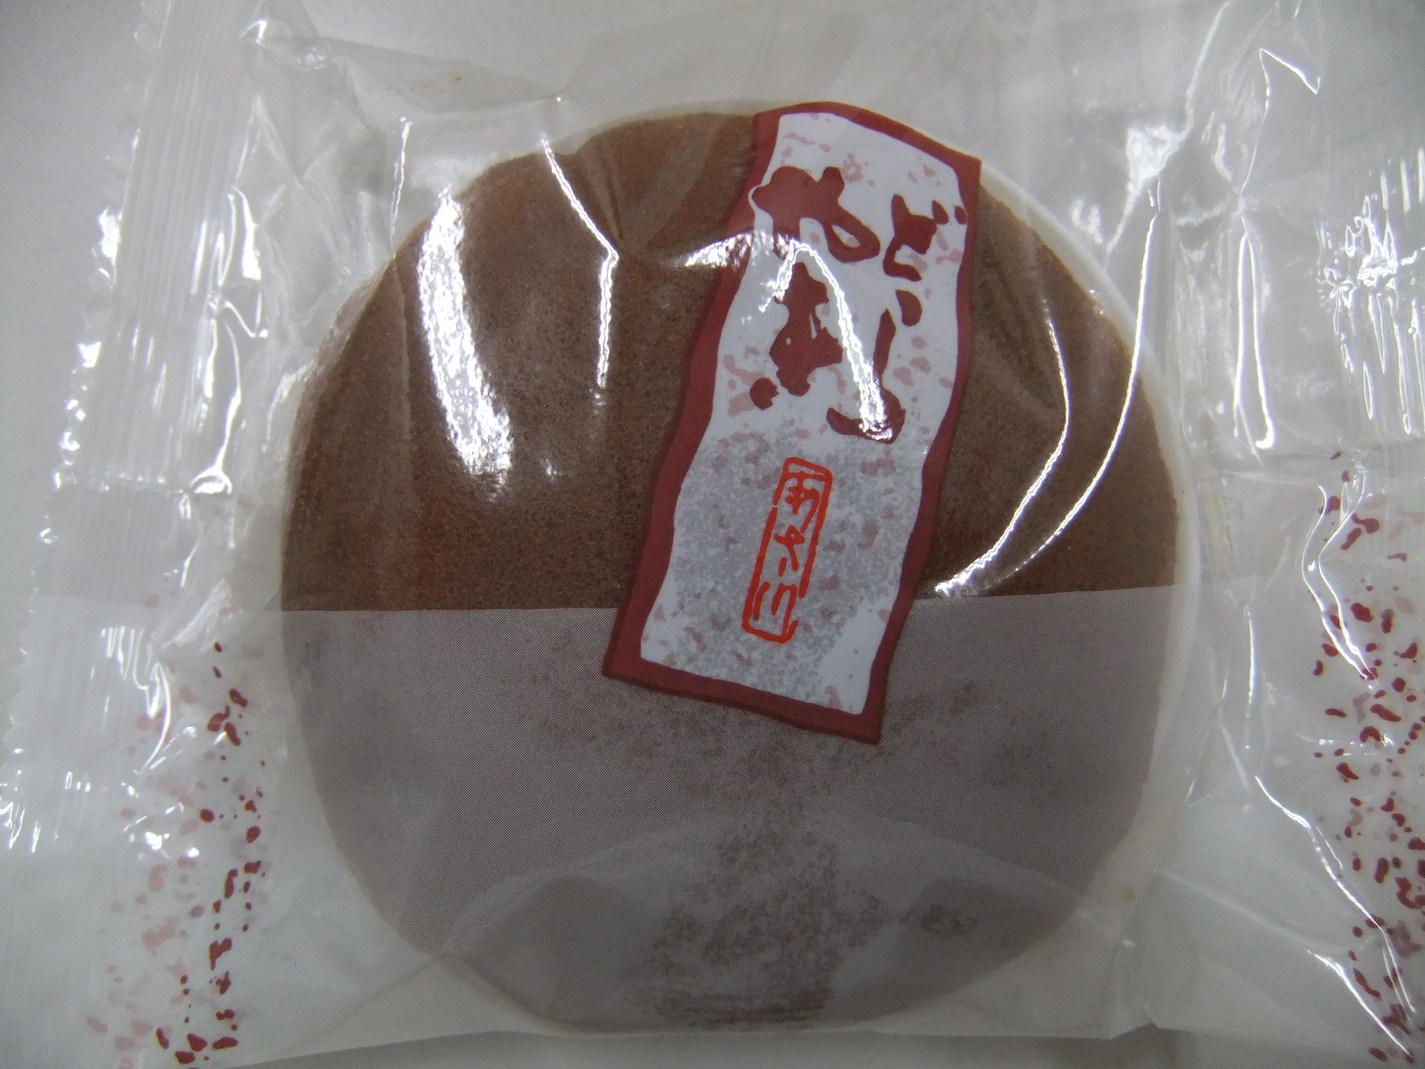 銘菓の老舗 あさ川 ヨークベニマル美浦店